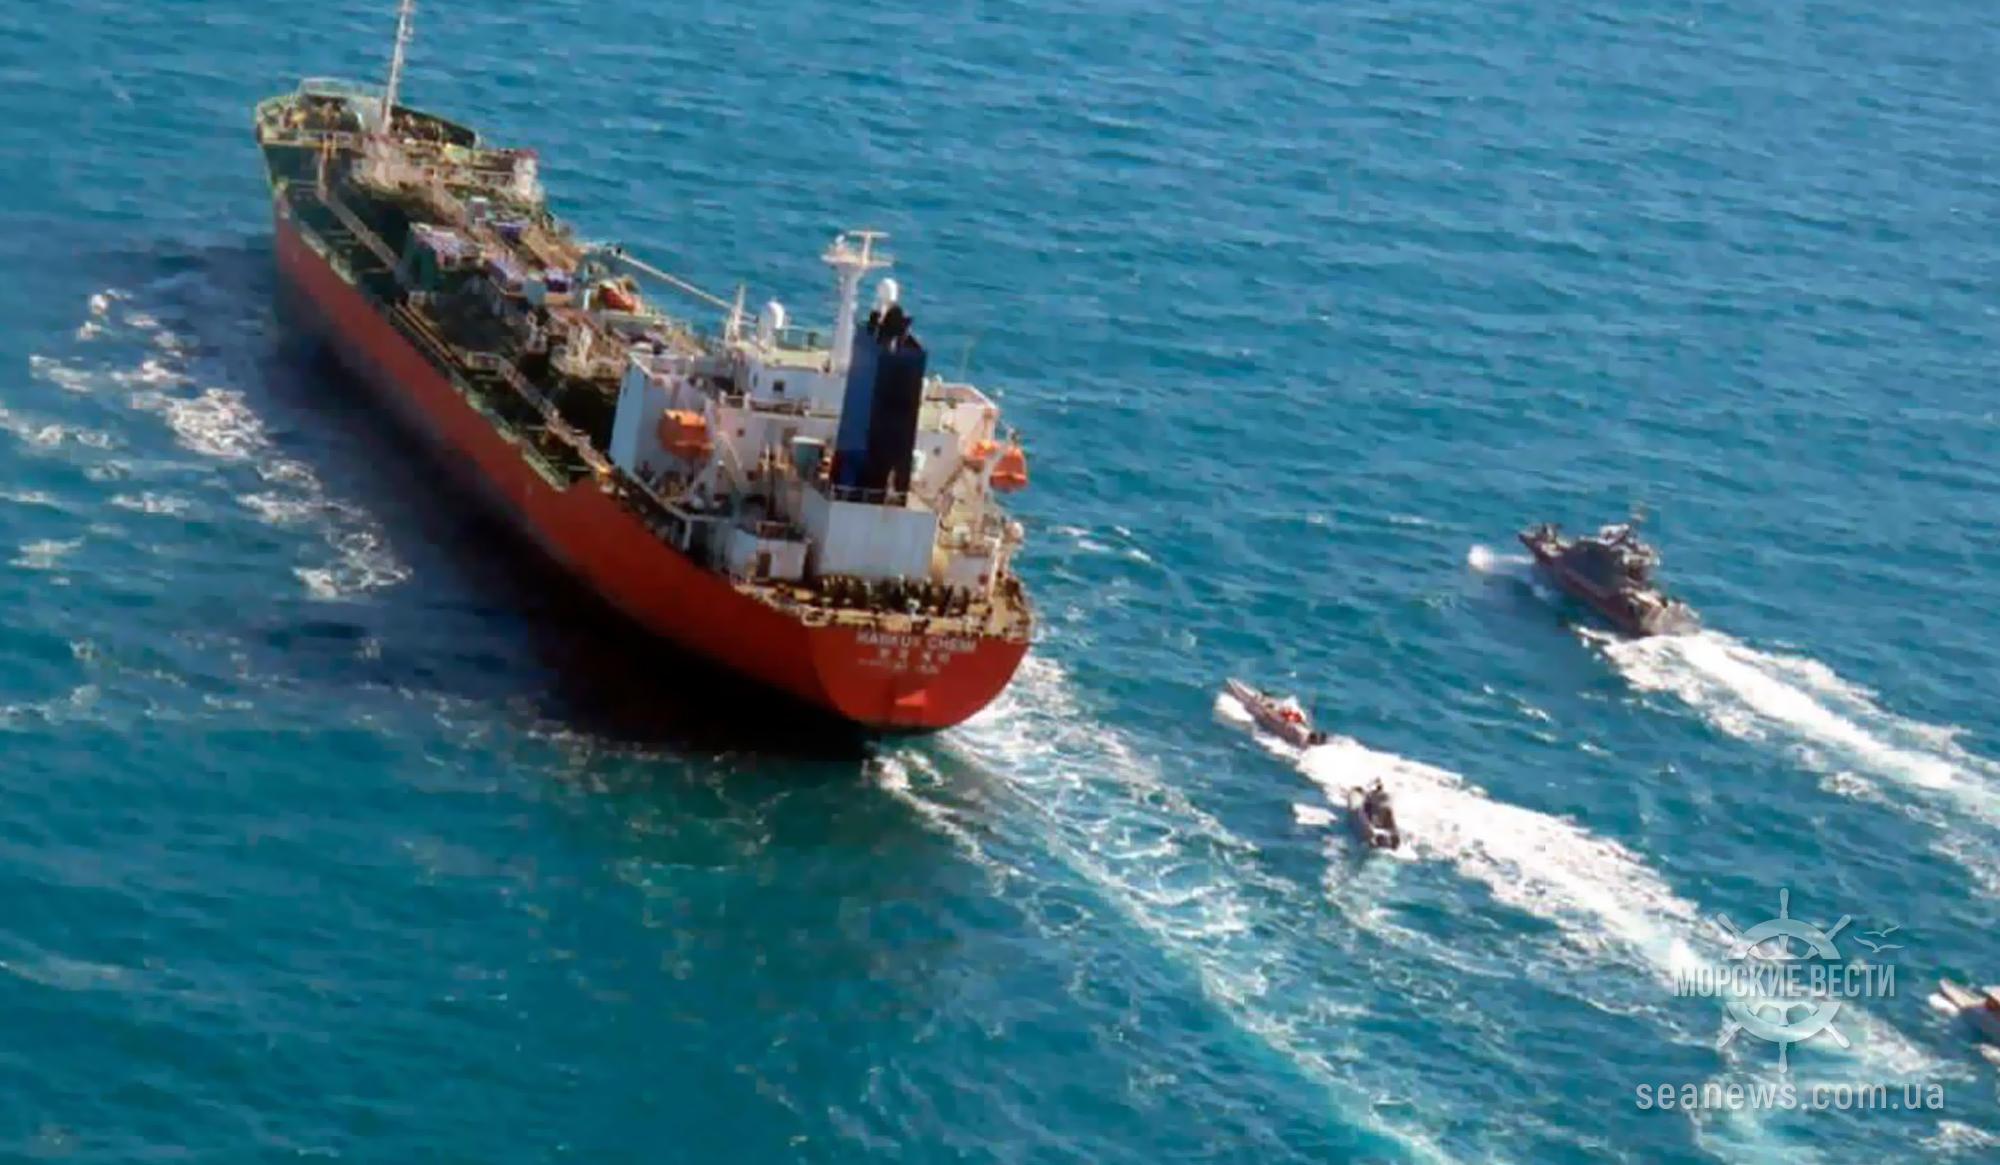 Иран освободил задержанный в январе 2021 года южнокорейский танкер